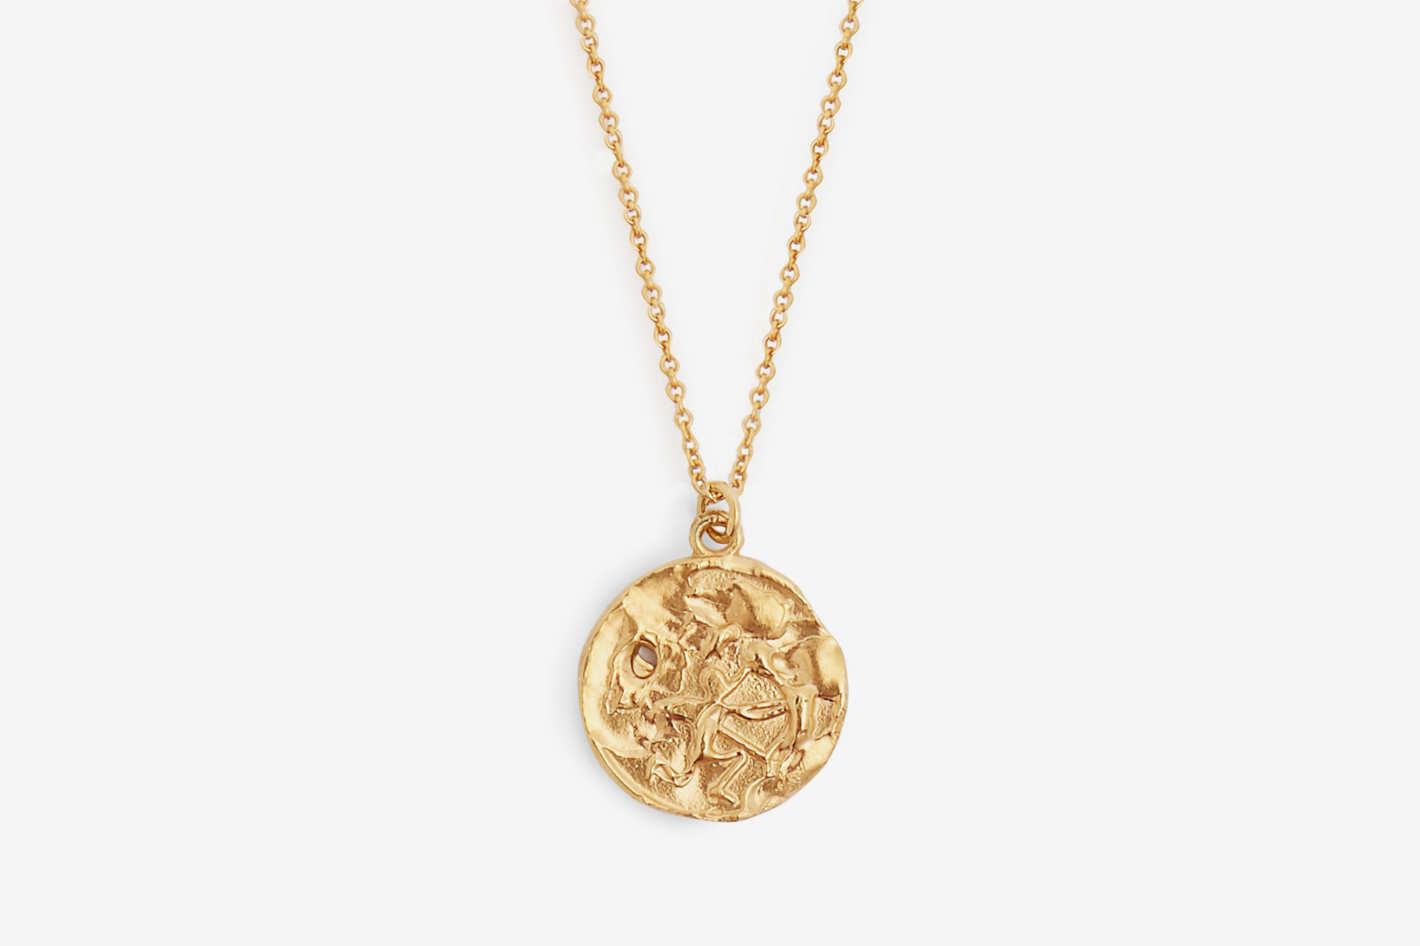 Alighieri Sagittarius Necklace